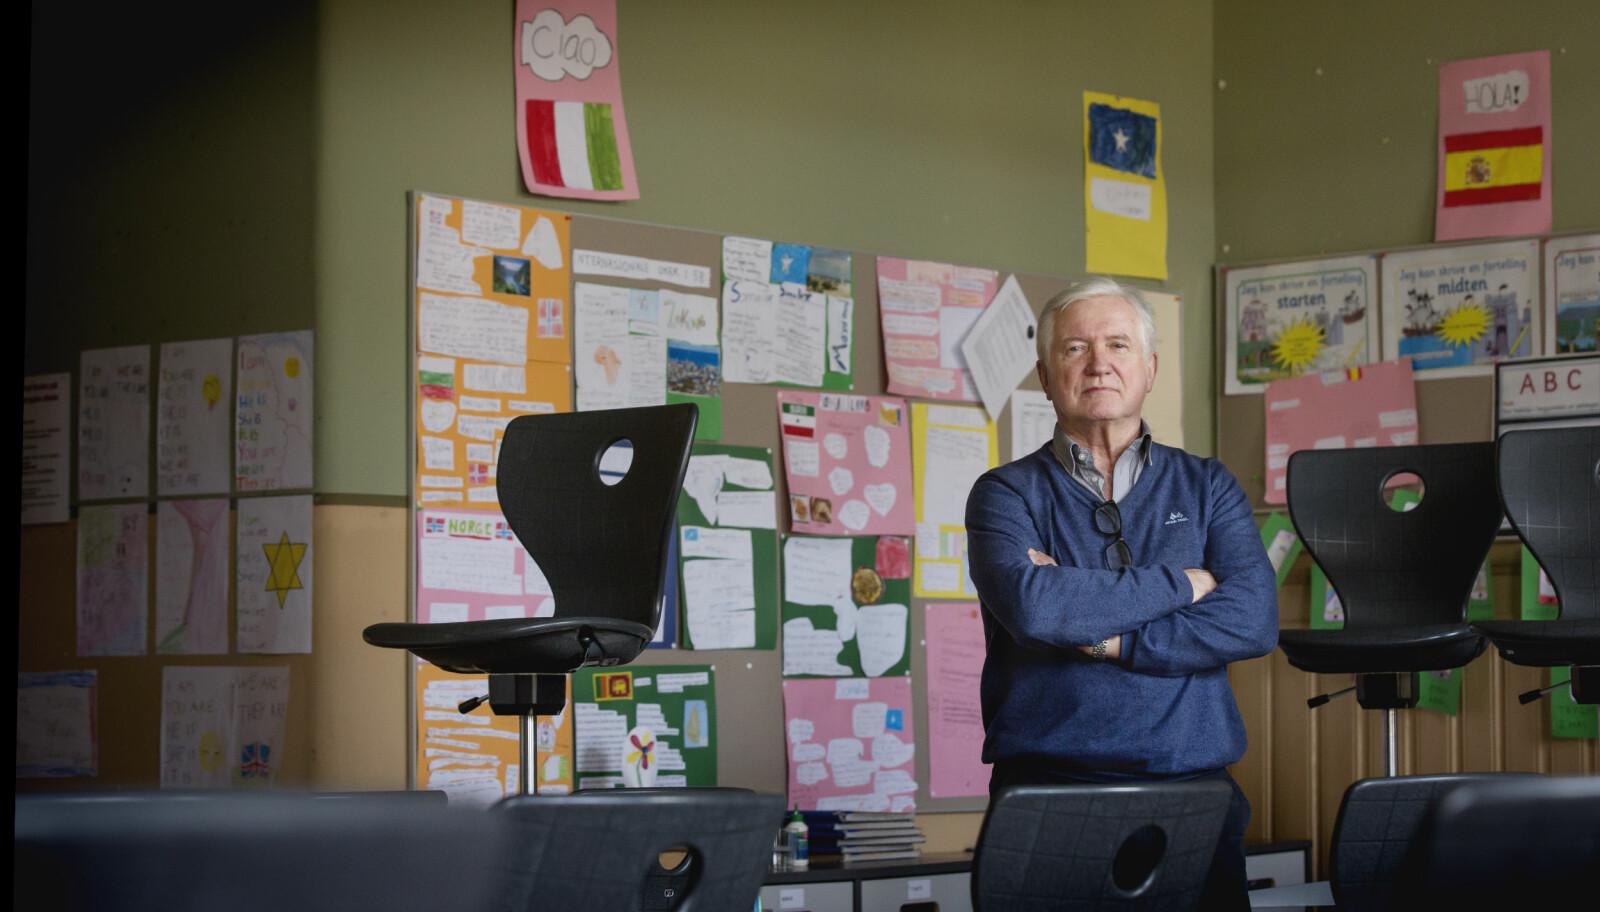 I 1999 var andelen mannlige lærere i grunnskolen i Norge 36 prosent. Knappe tyve år senere er andelen 25 prosent. Foto: Tom-Egil Jensen